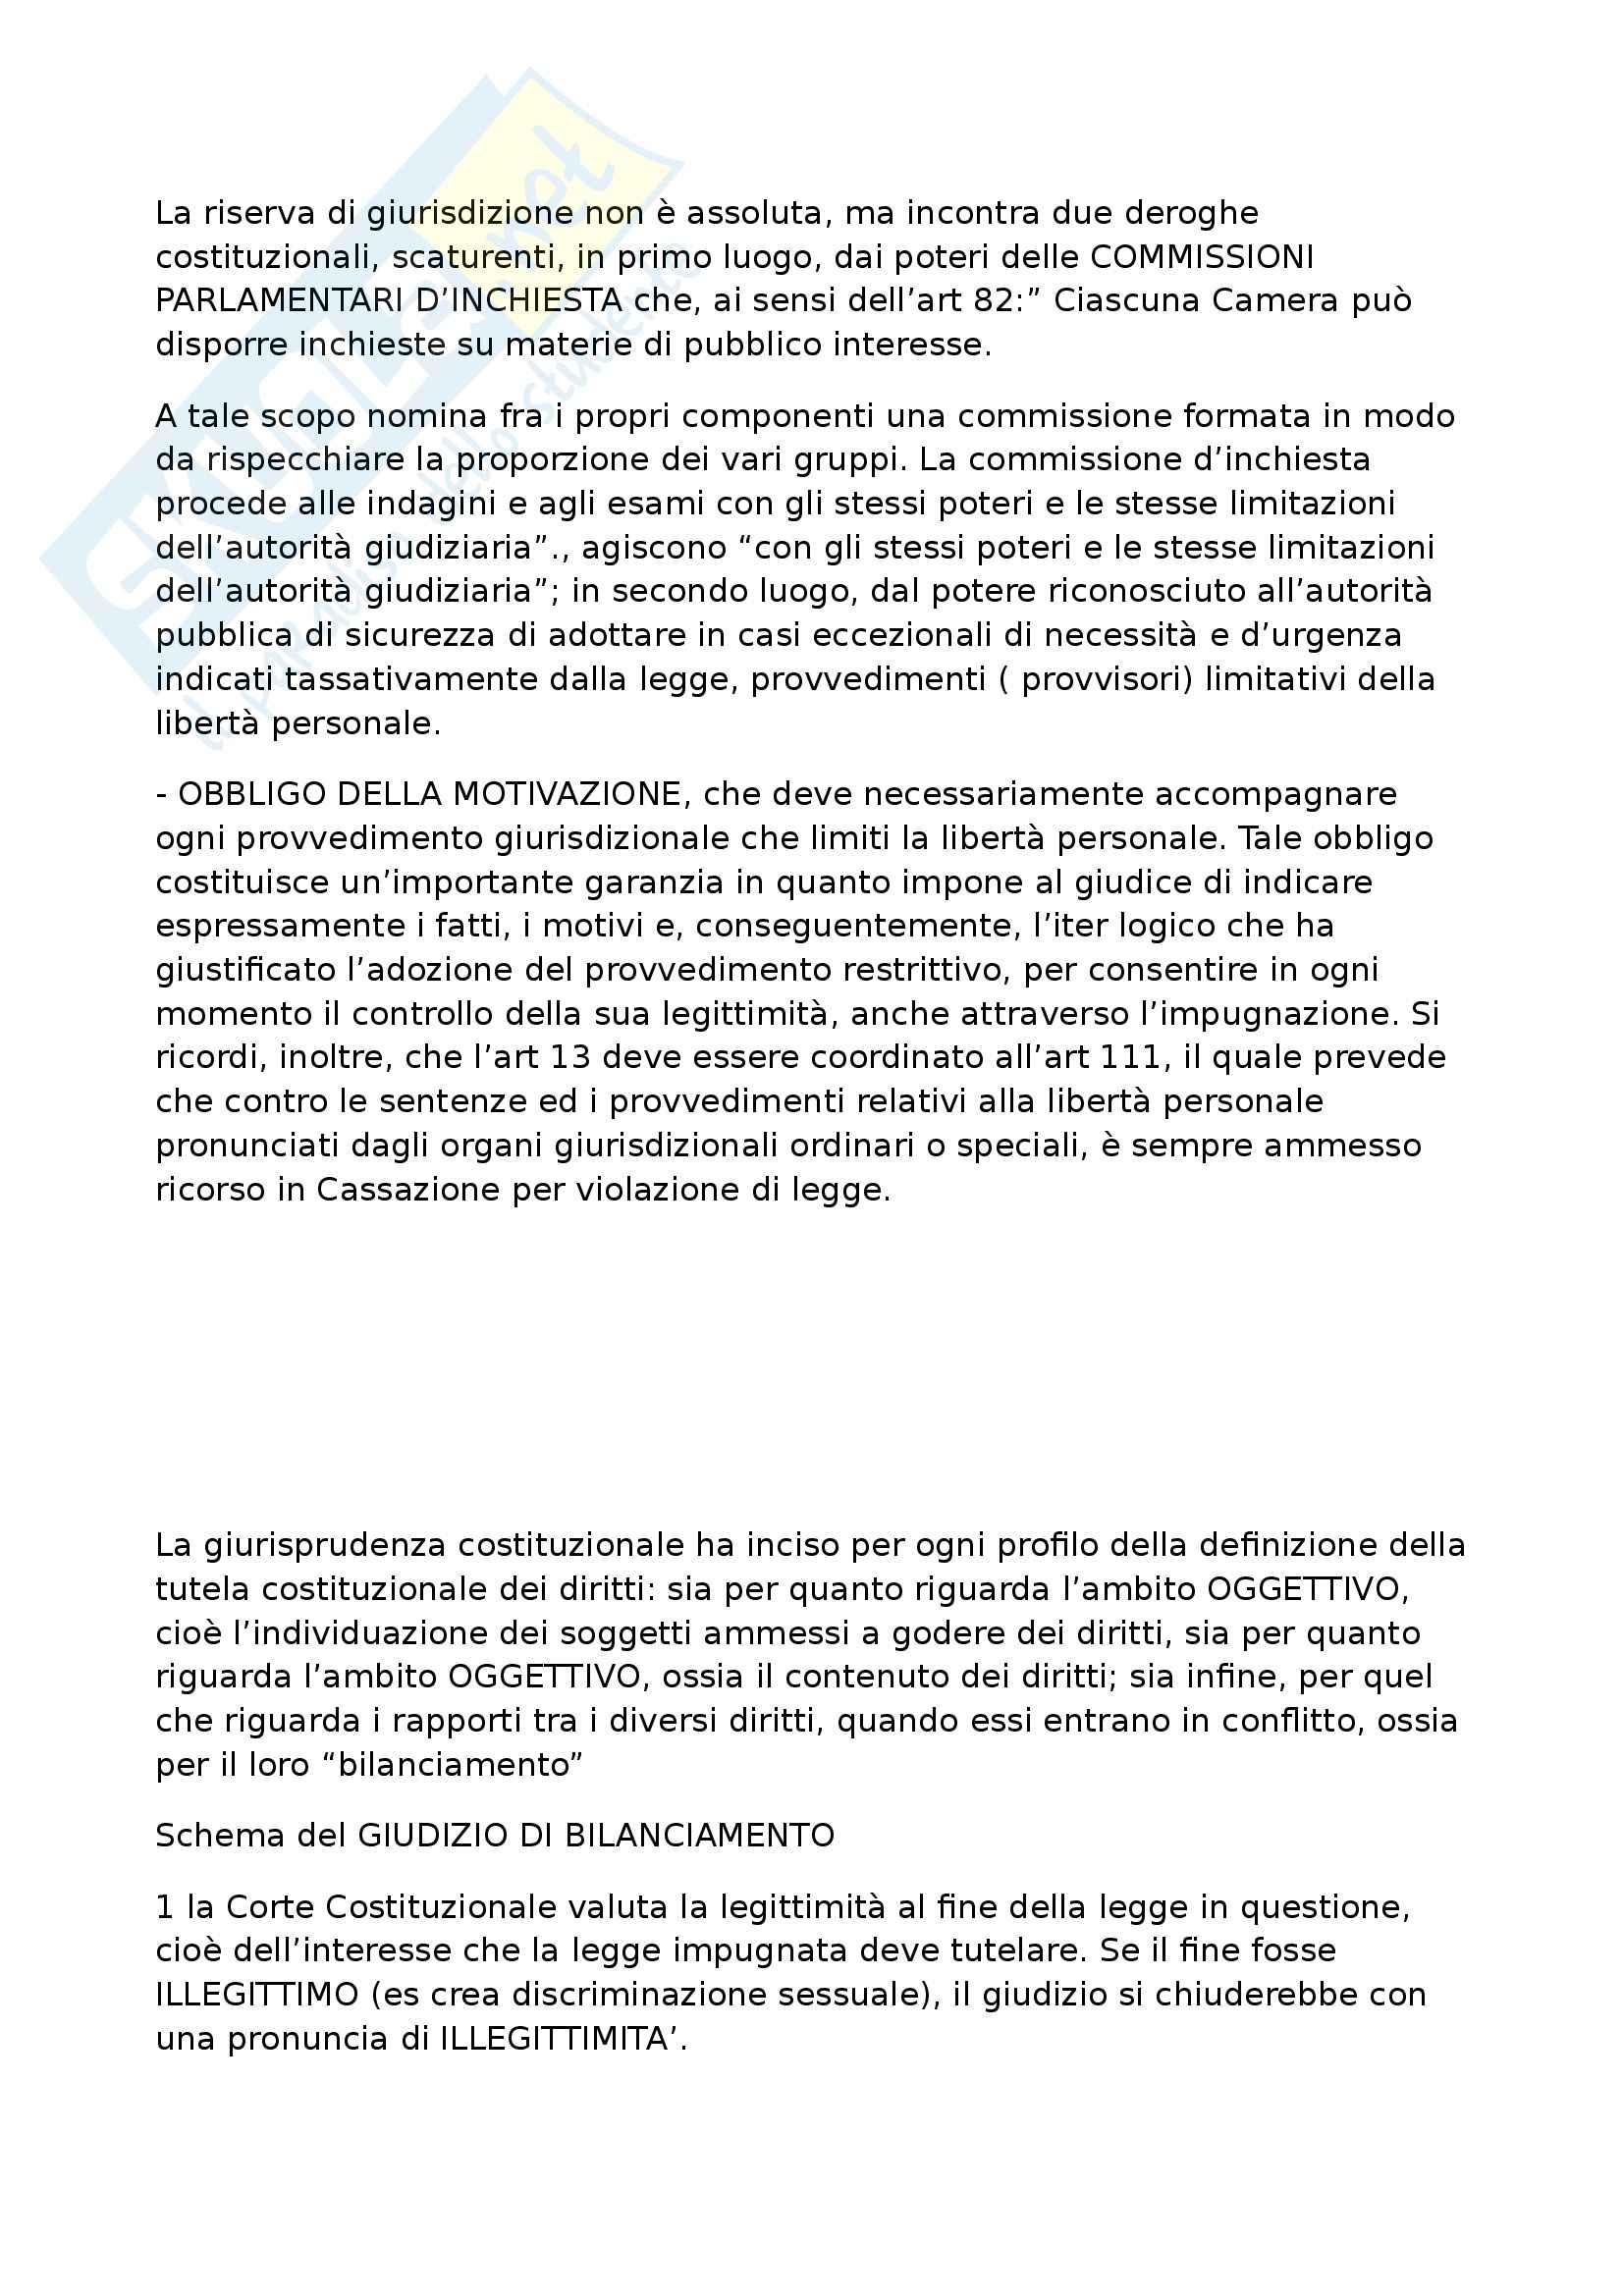 Diritto costituzionale - Appunti seconda parte Pag. 6